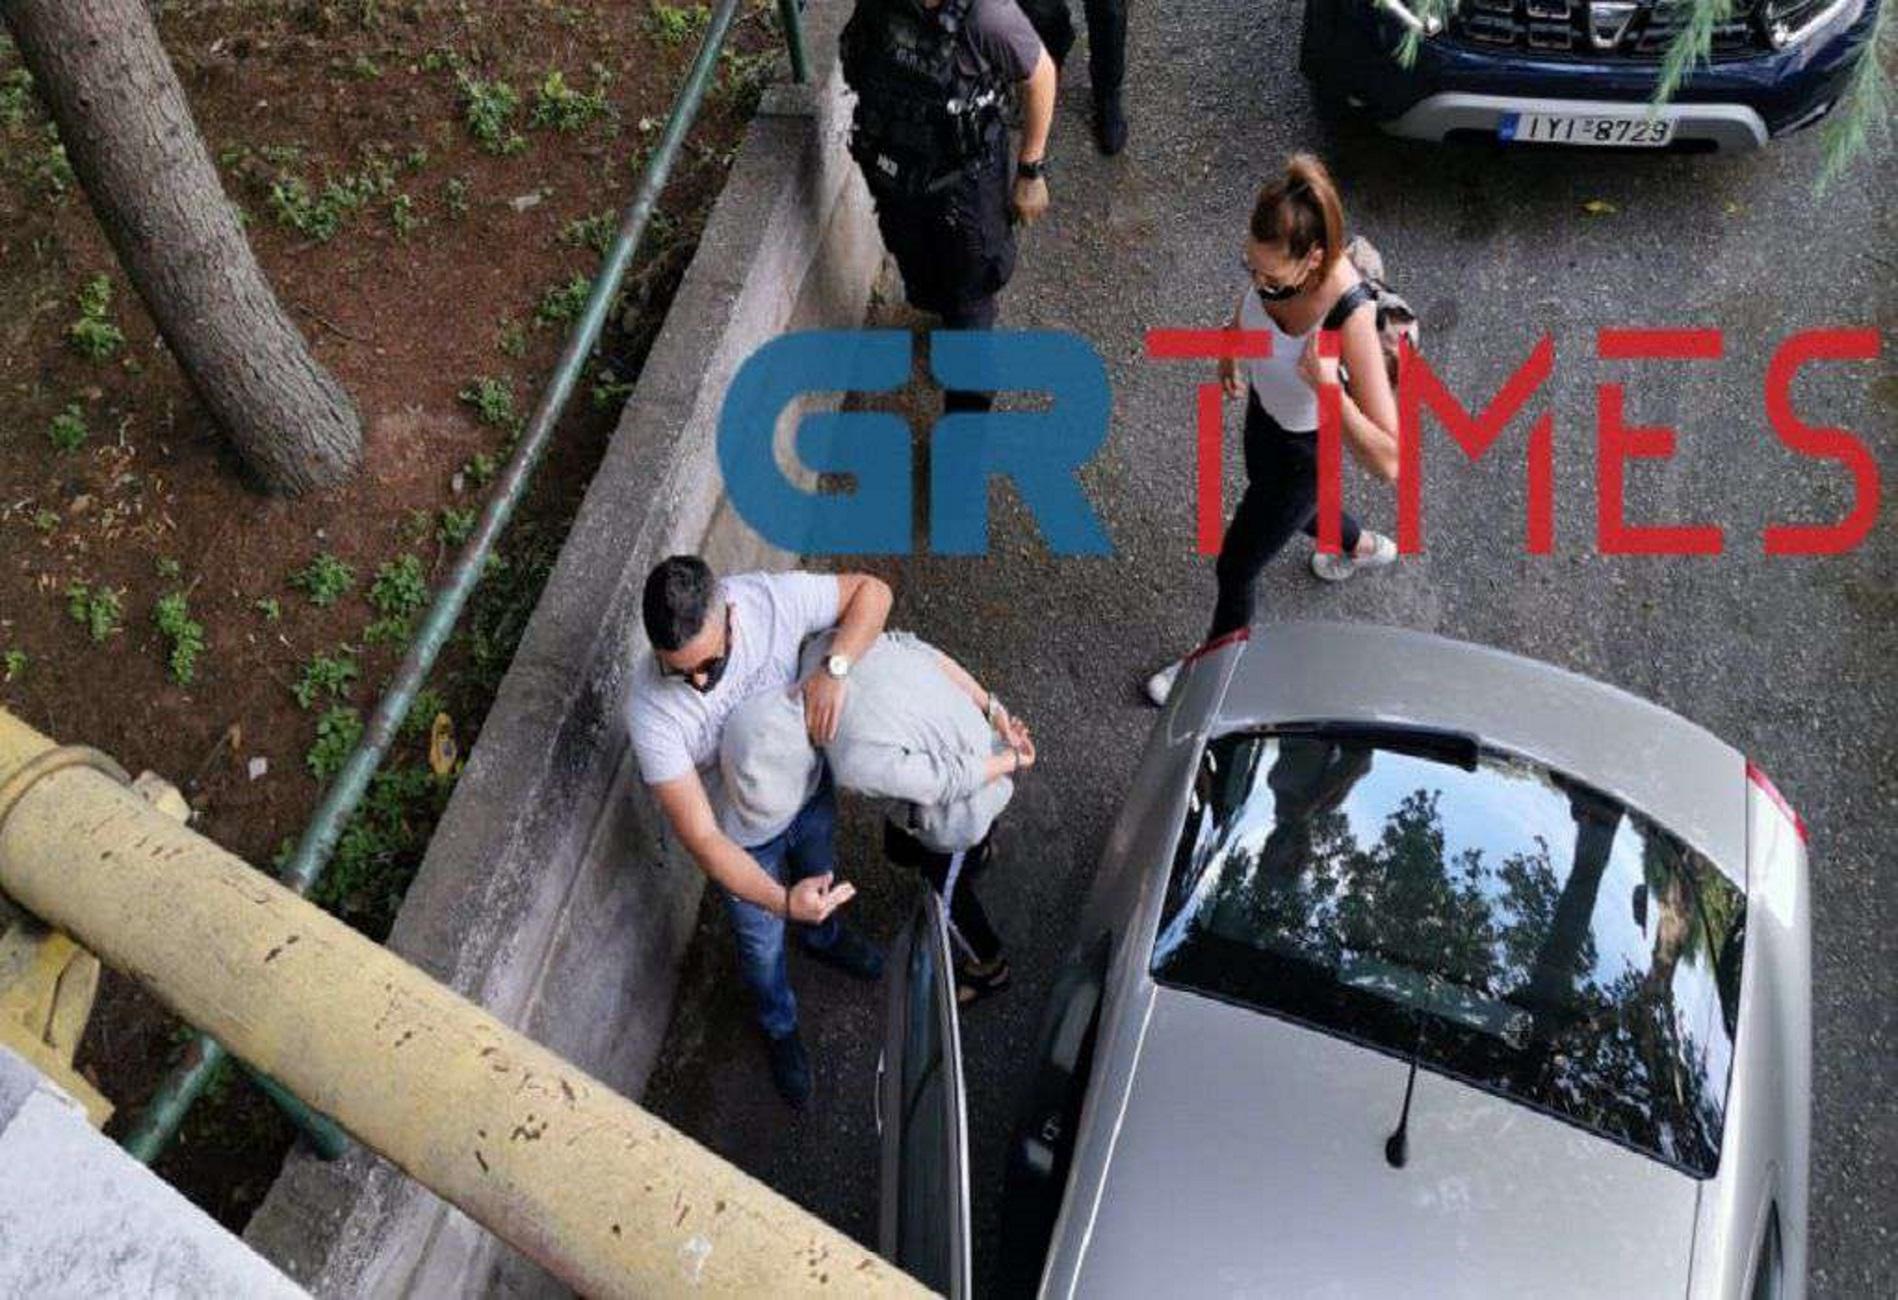 Θεσσαλονίκη: Από το γκαράζ στην ανακρίτρια η 33χρονη κατηγορούμενη για την απαγωγή της 10χρονης Μαρκέλλας (Βίντεο)